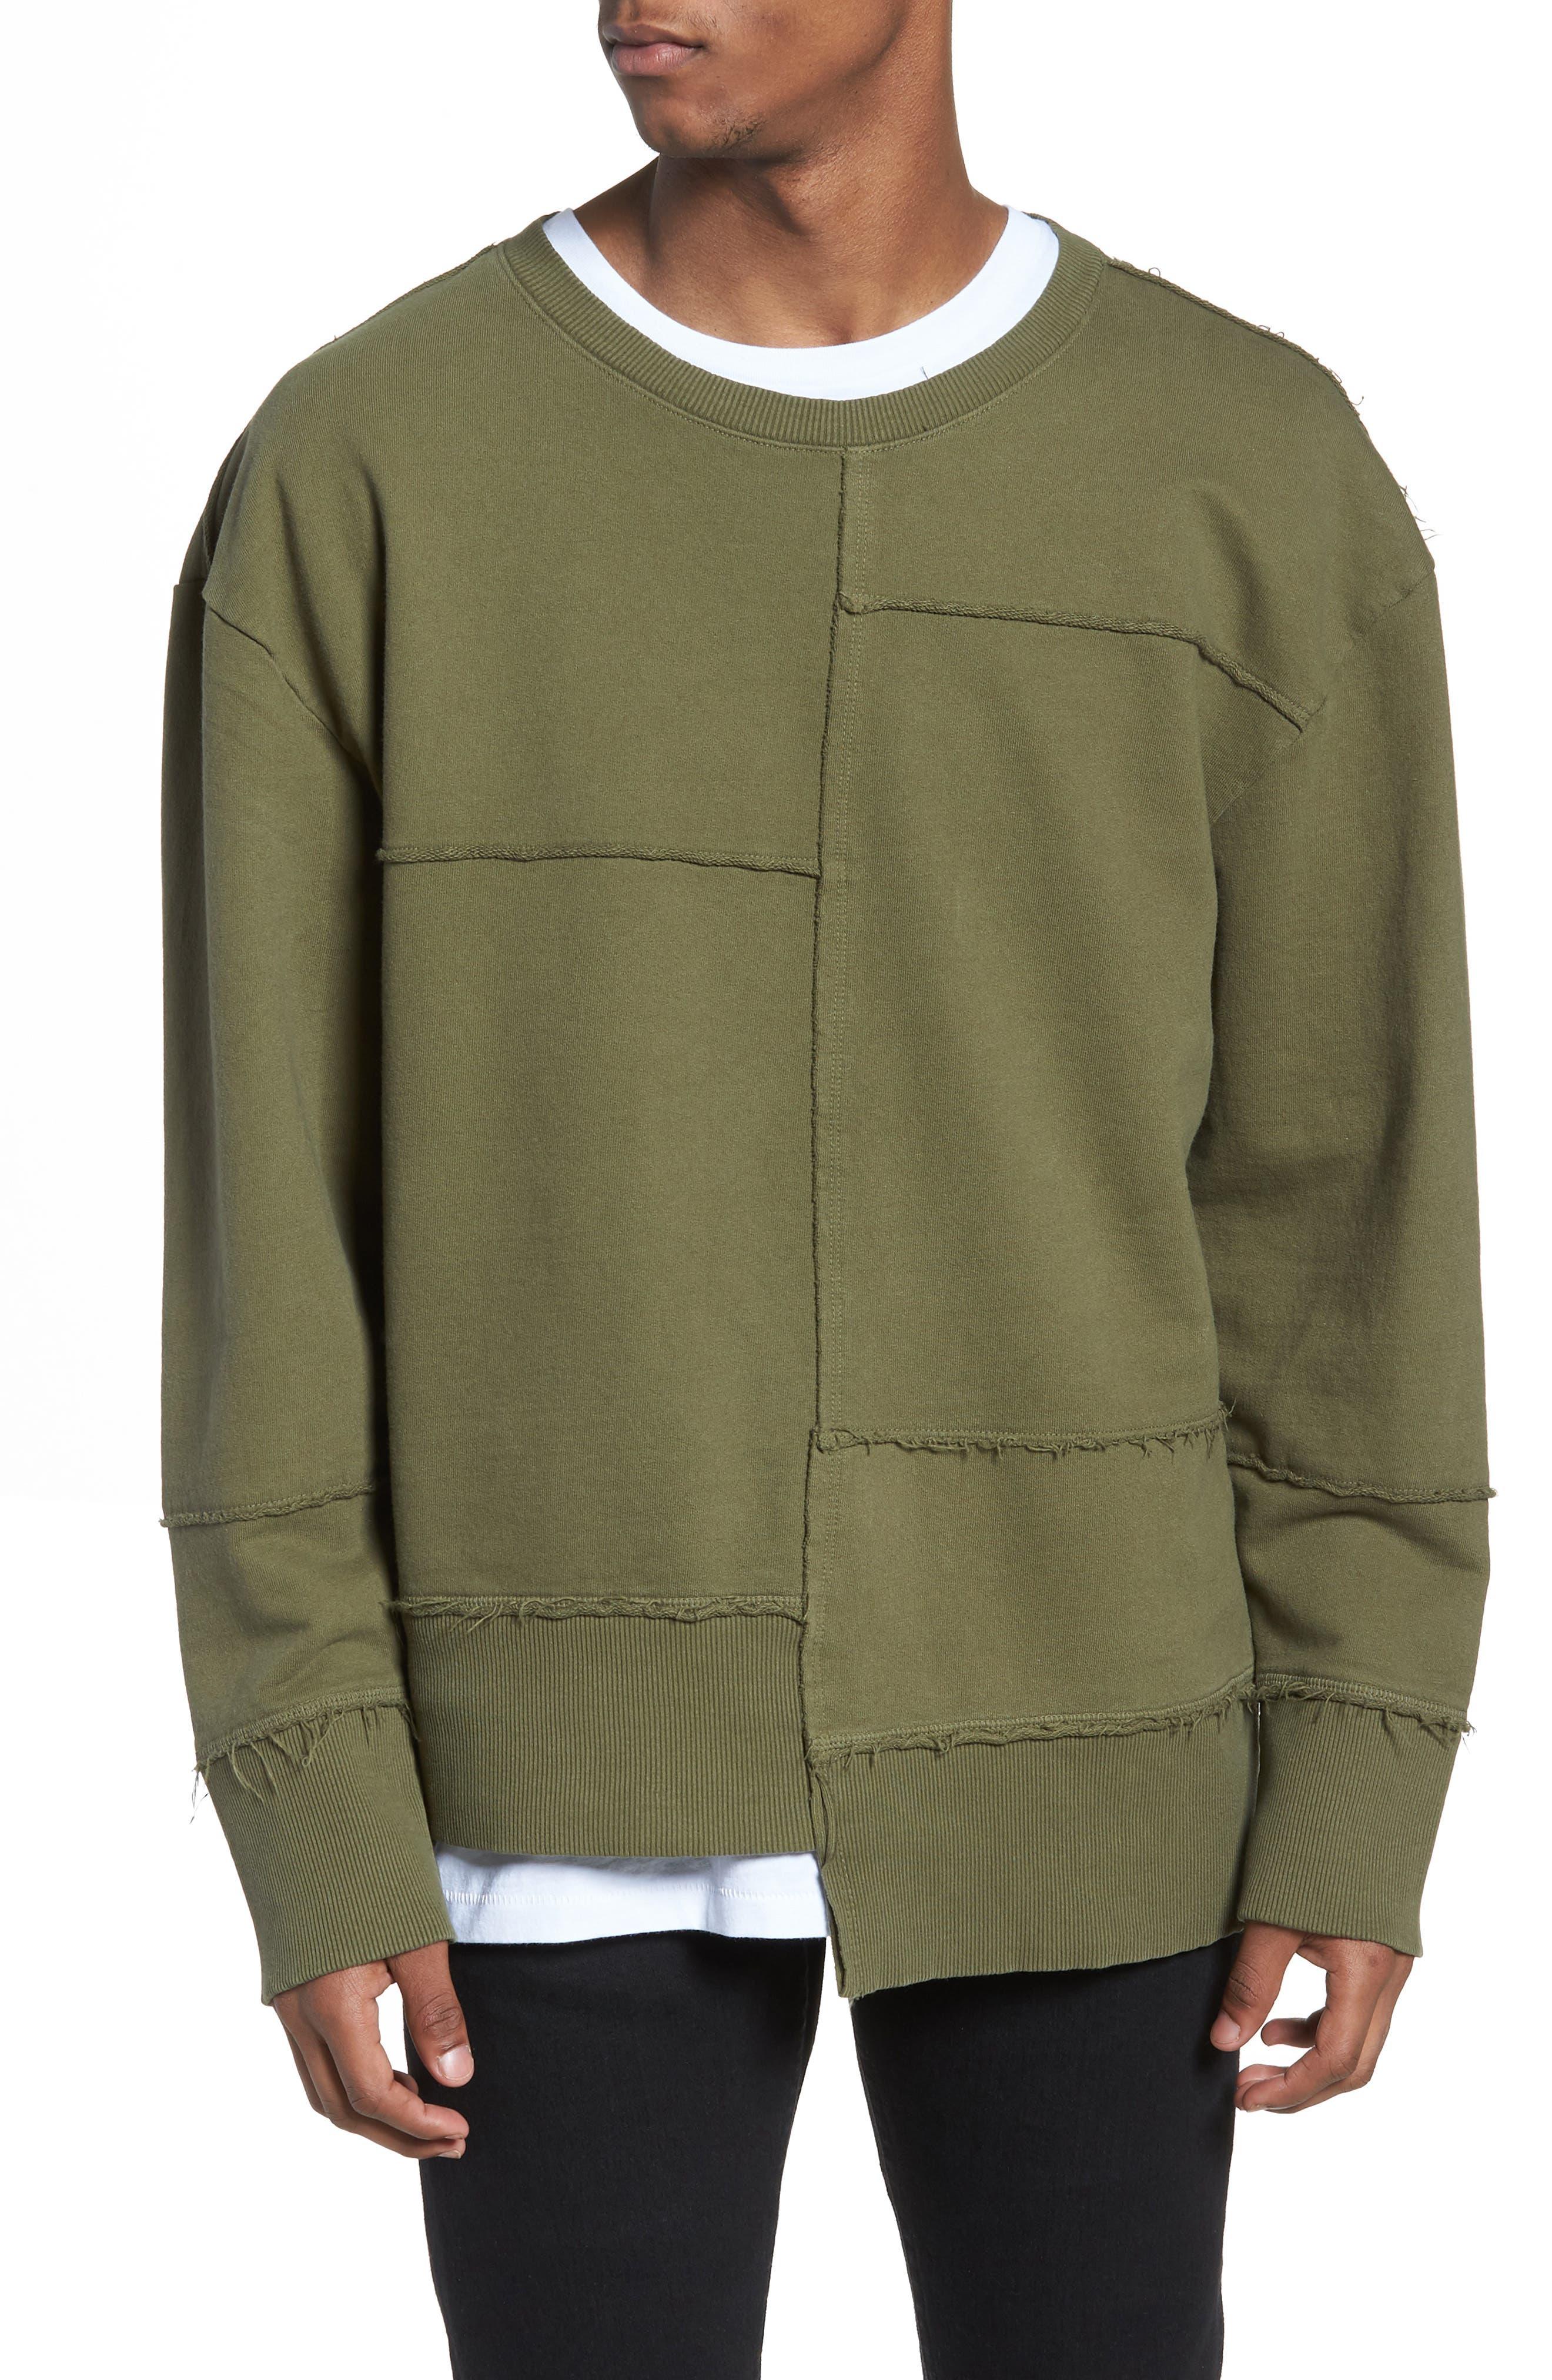 Main Image - The Rail Splice Sweatshirt